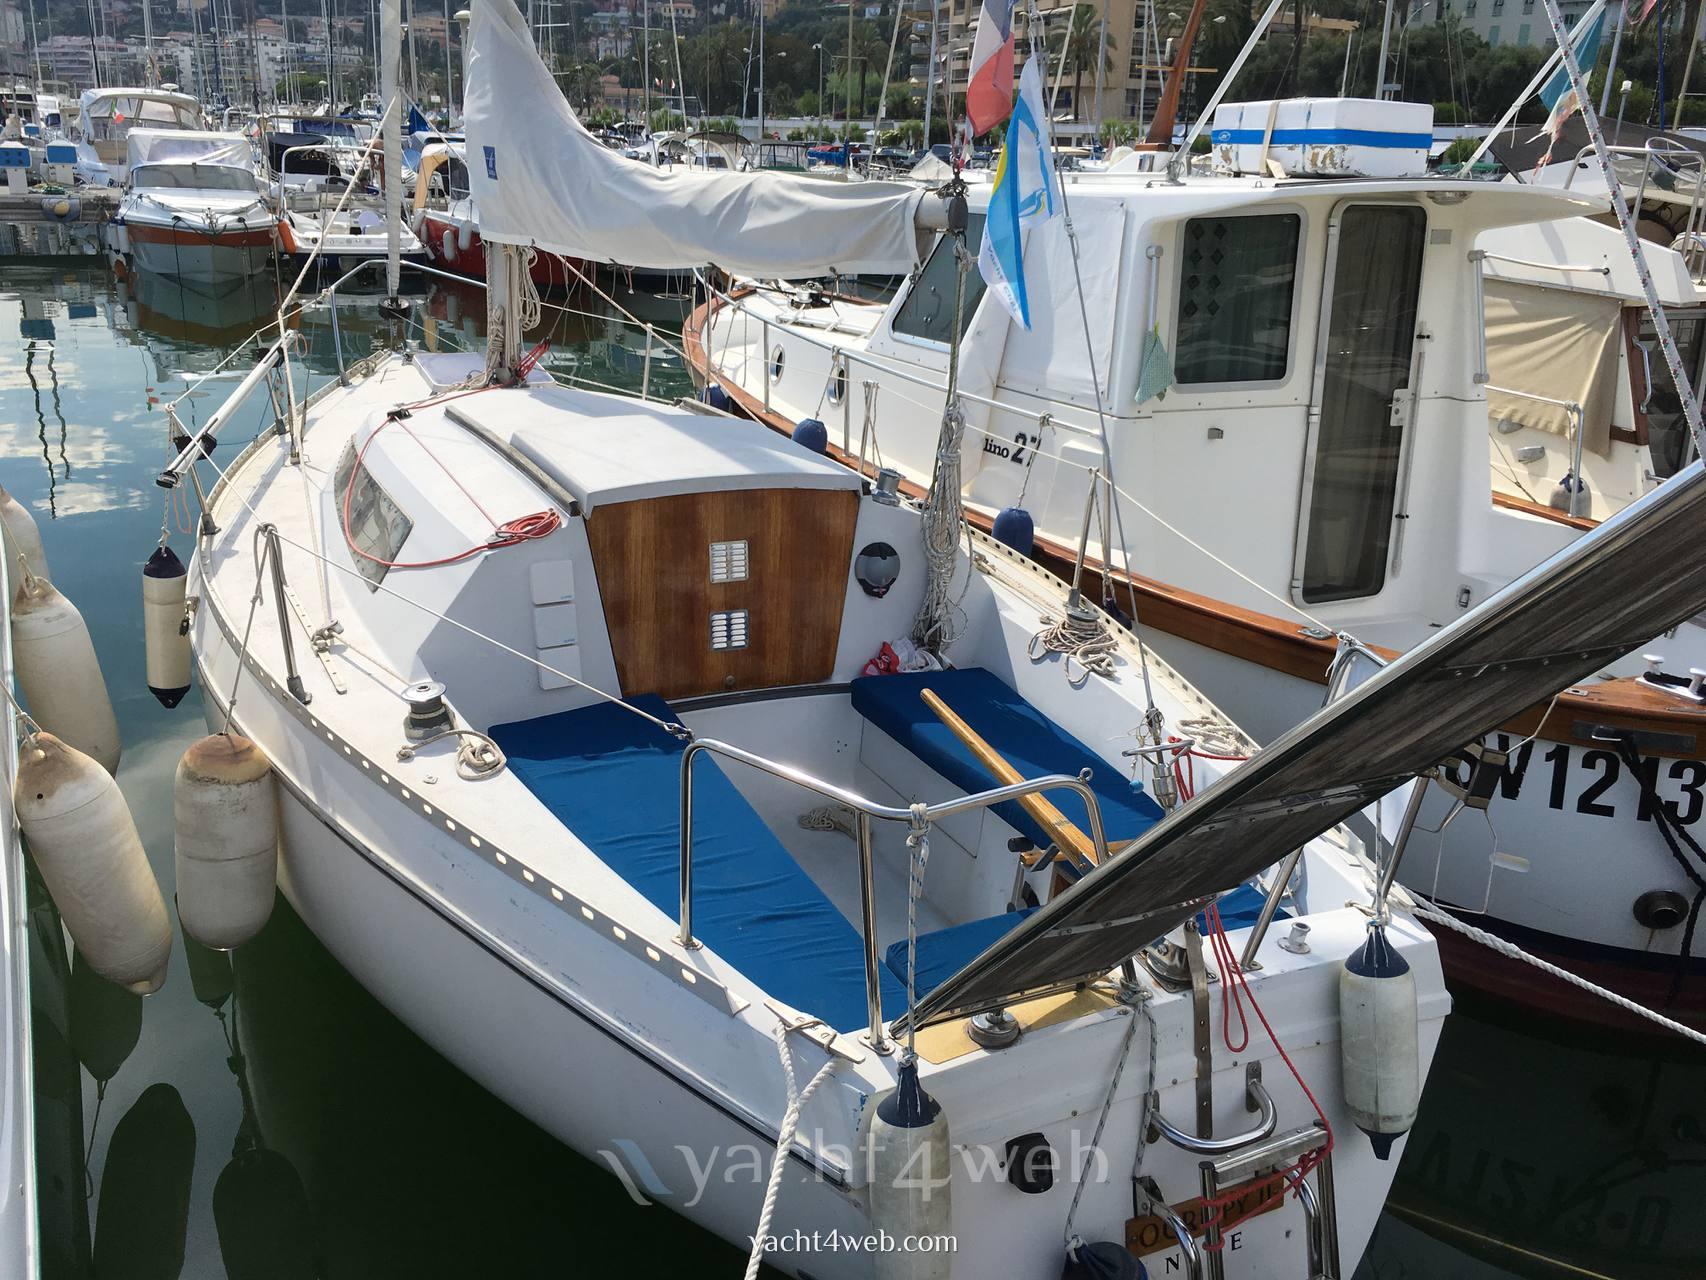 GILBERT MARINE Gib sea 26 used